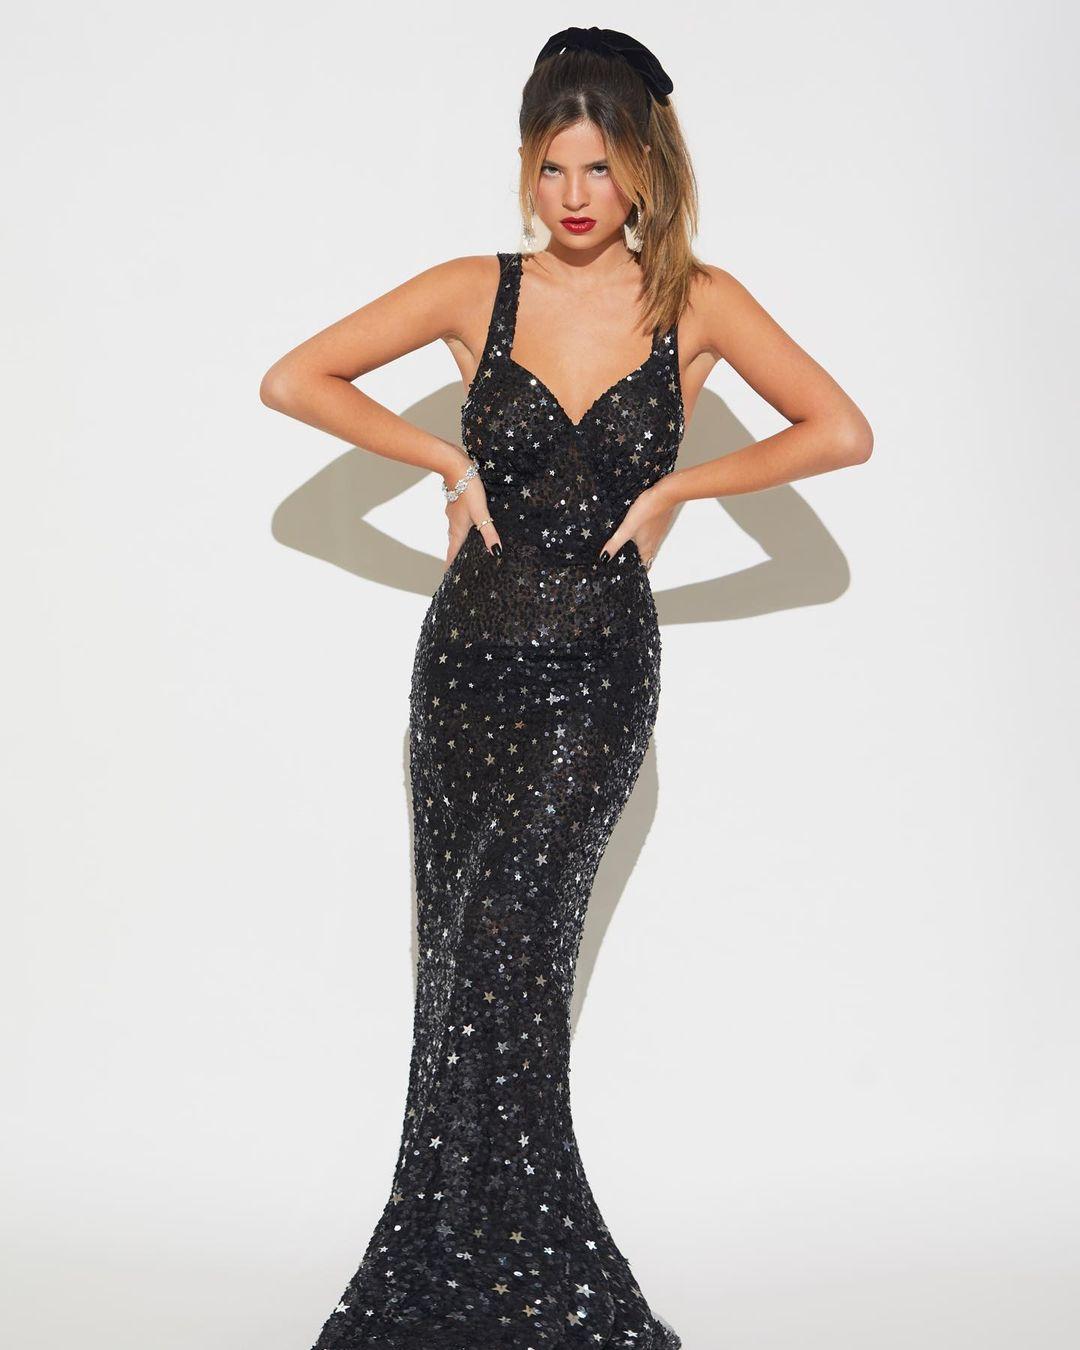 Imagem mostra cantora Giulia Be com vestido longo brilhante